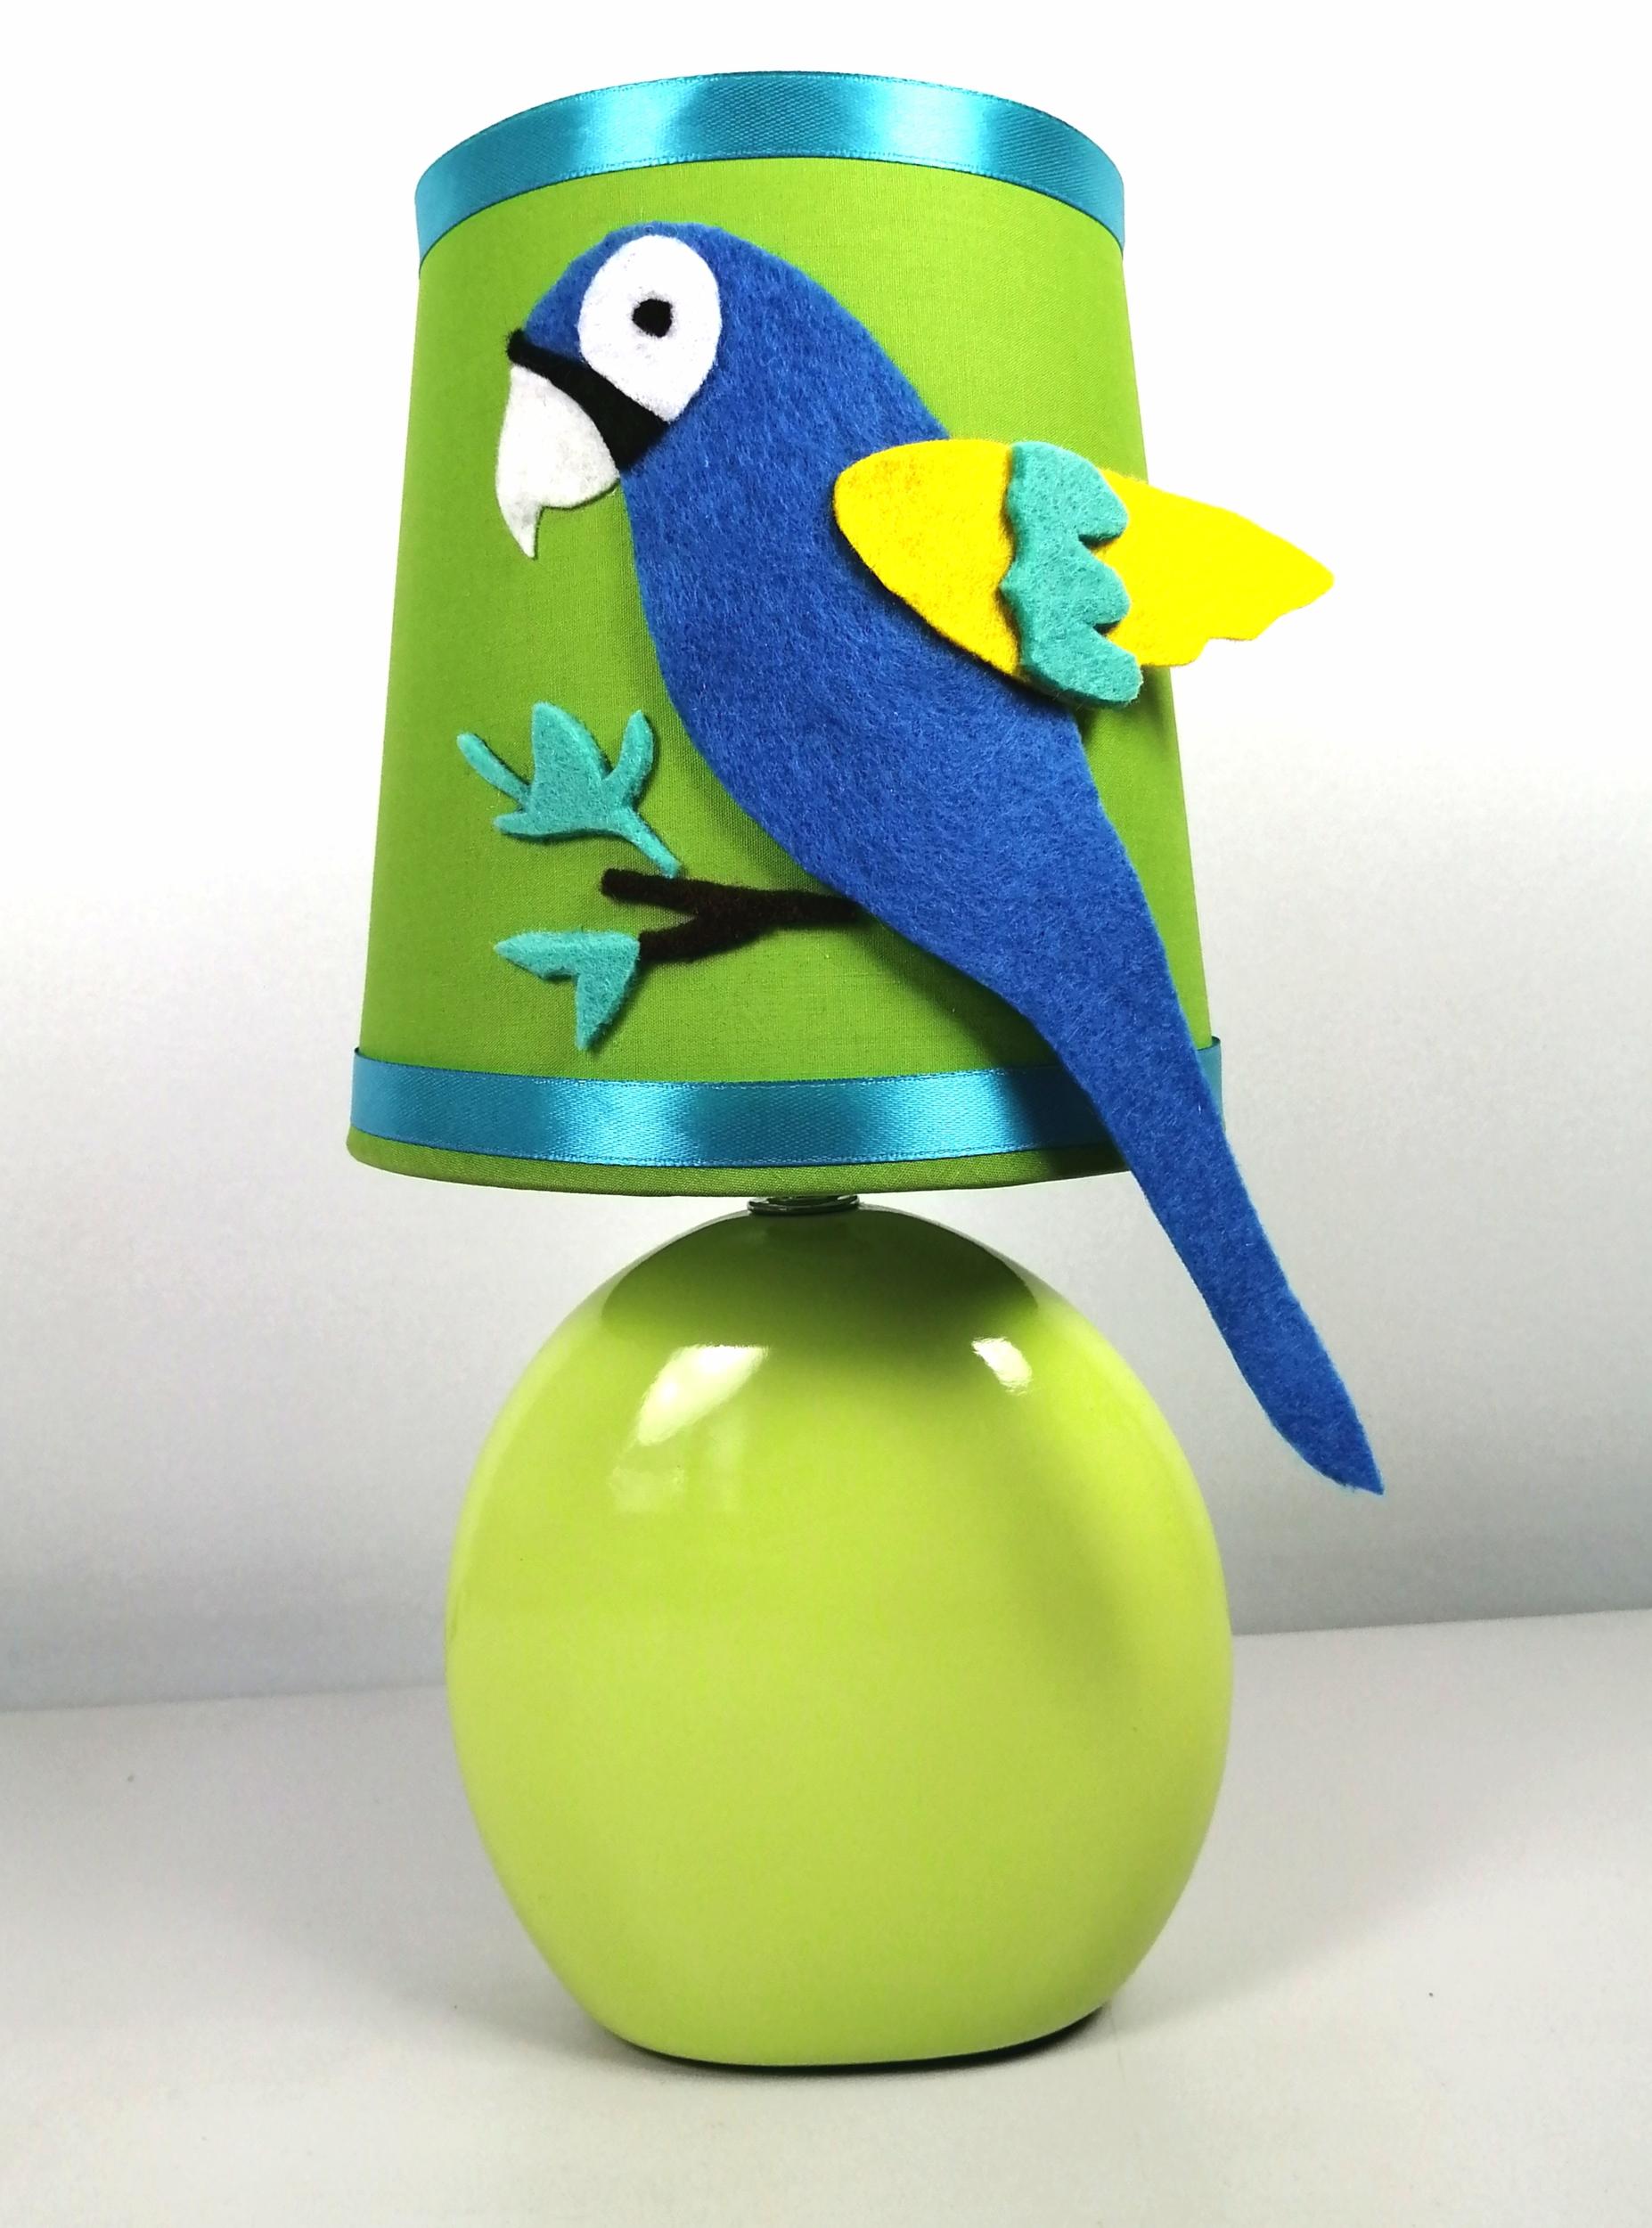 Lampe chevet enfant bébé jungle vert anis bleu turquoise perroquet safari cadeau